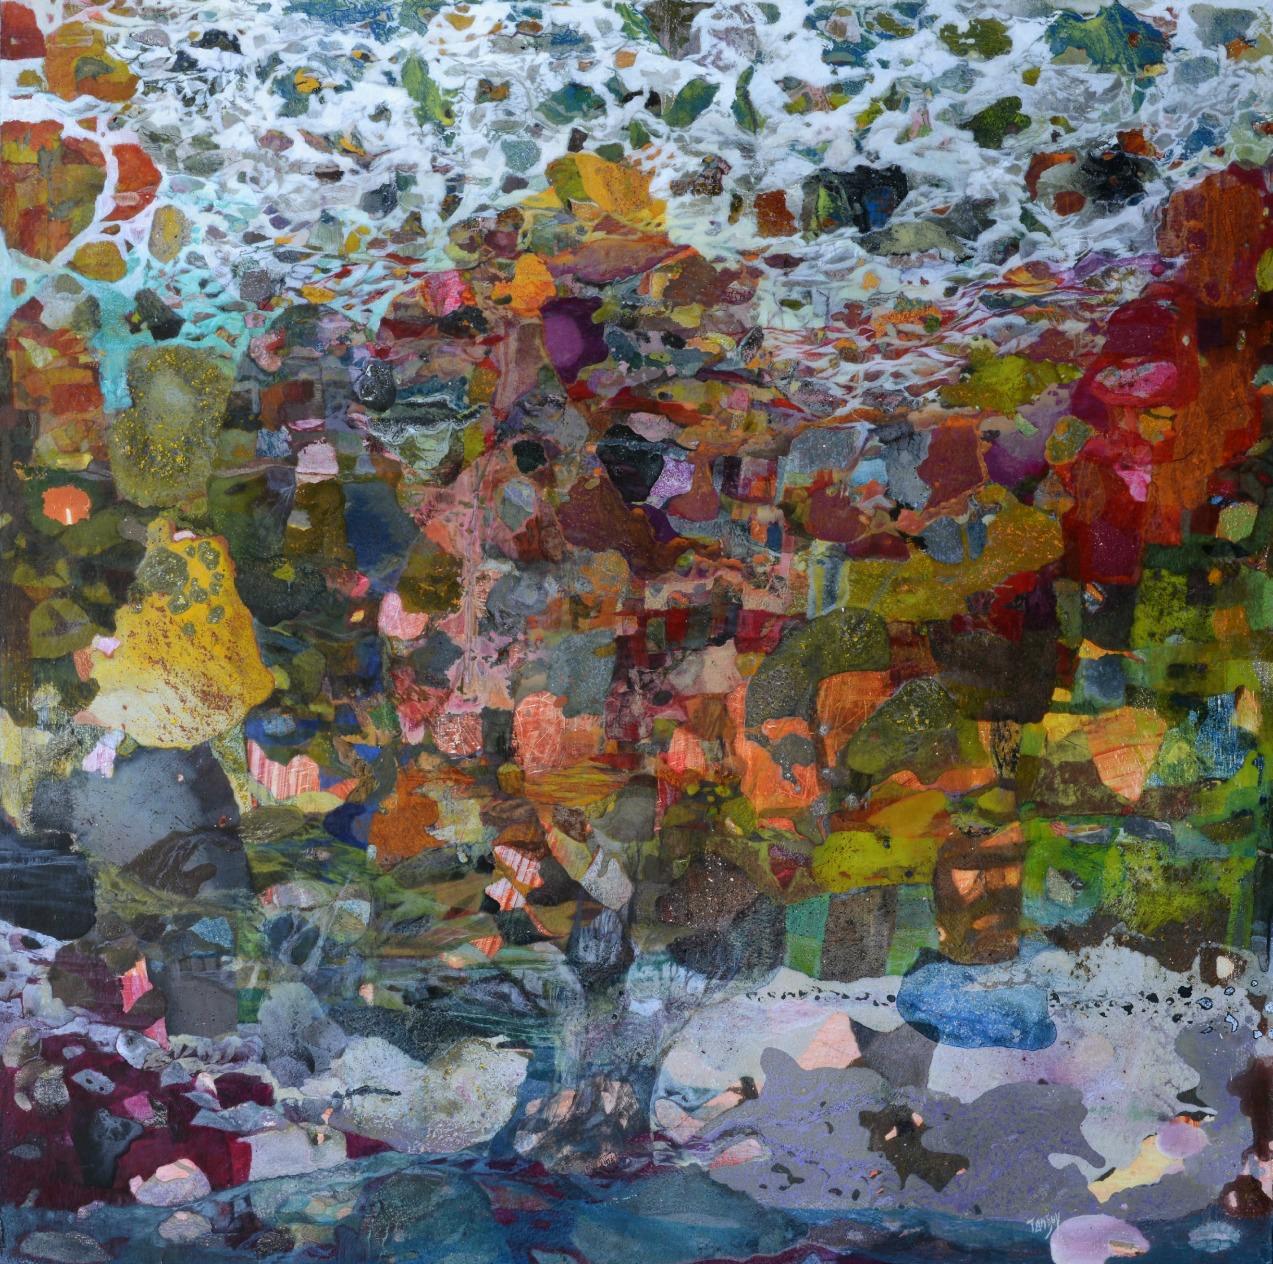 Le centenaire -100x100cm - Cire sur toile (2015)